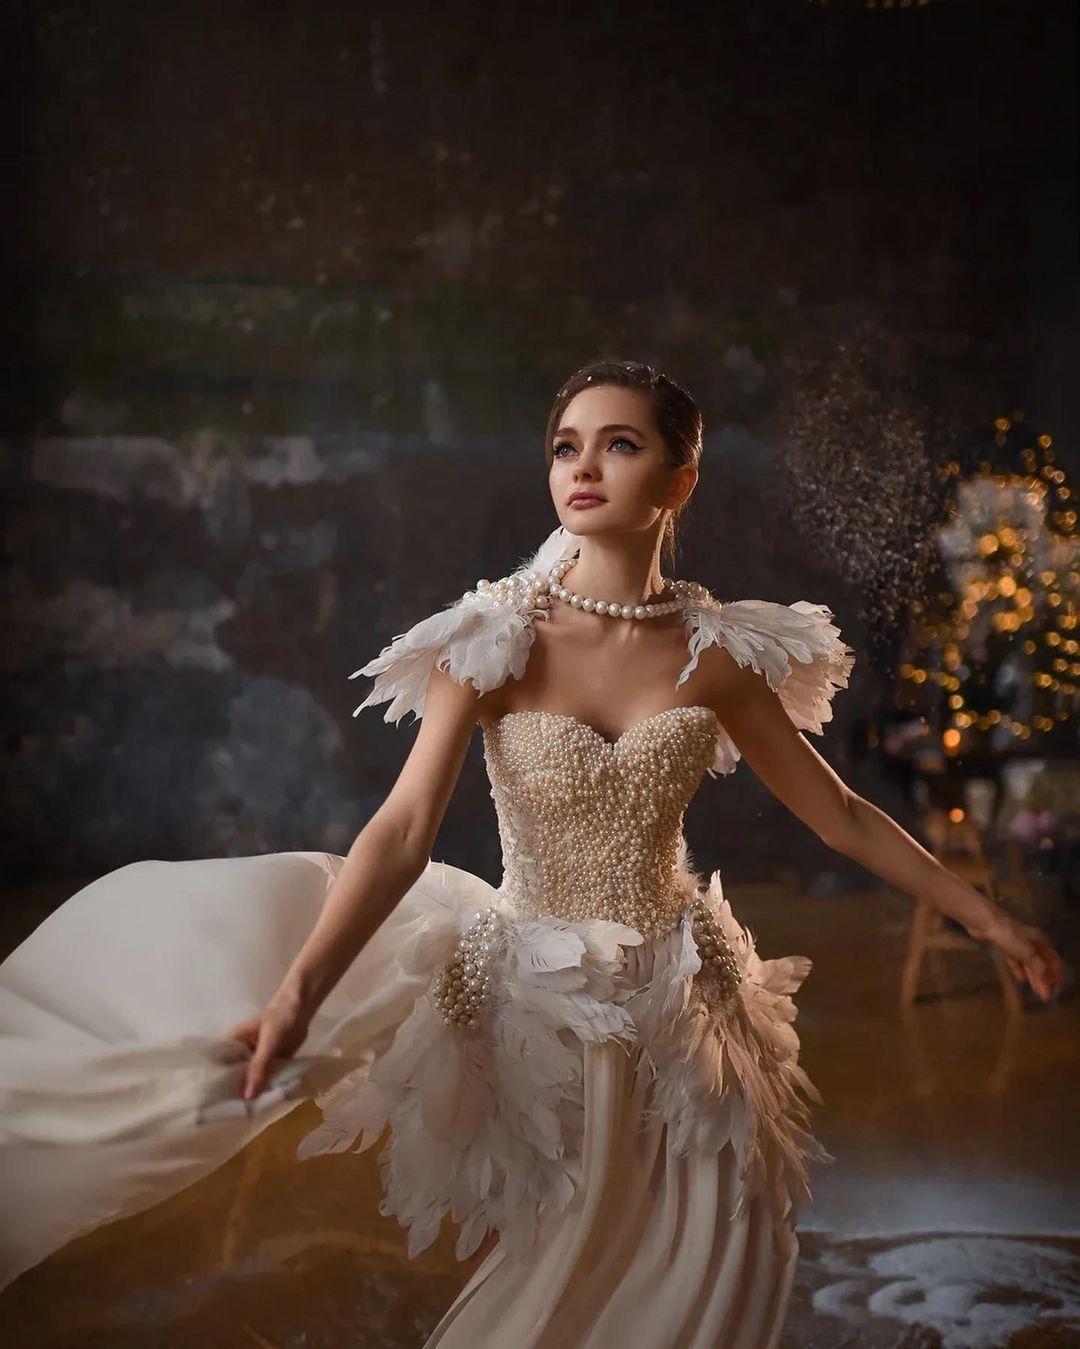 Ekaterina Feofanova by Olga Gladkova